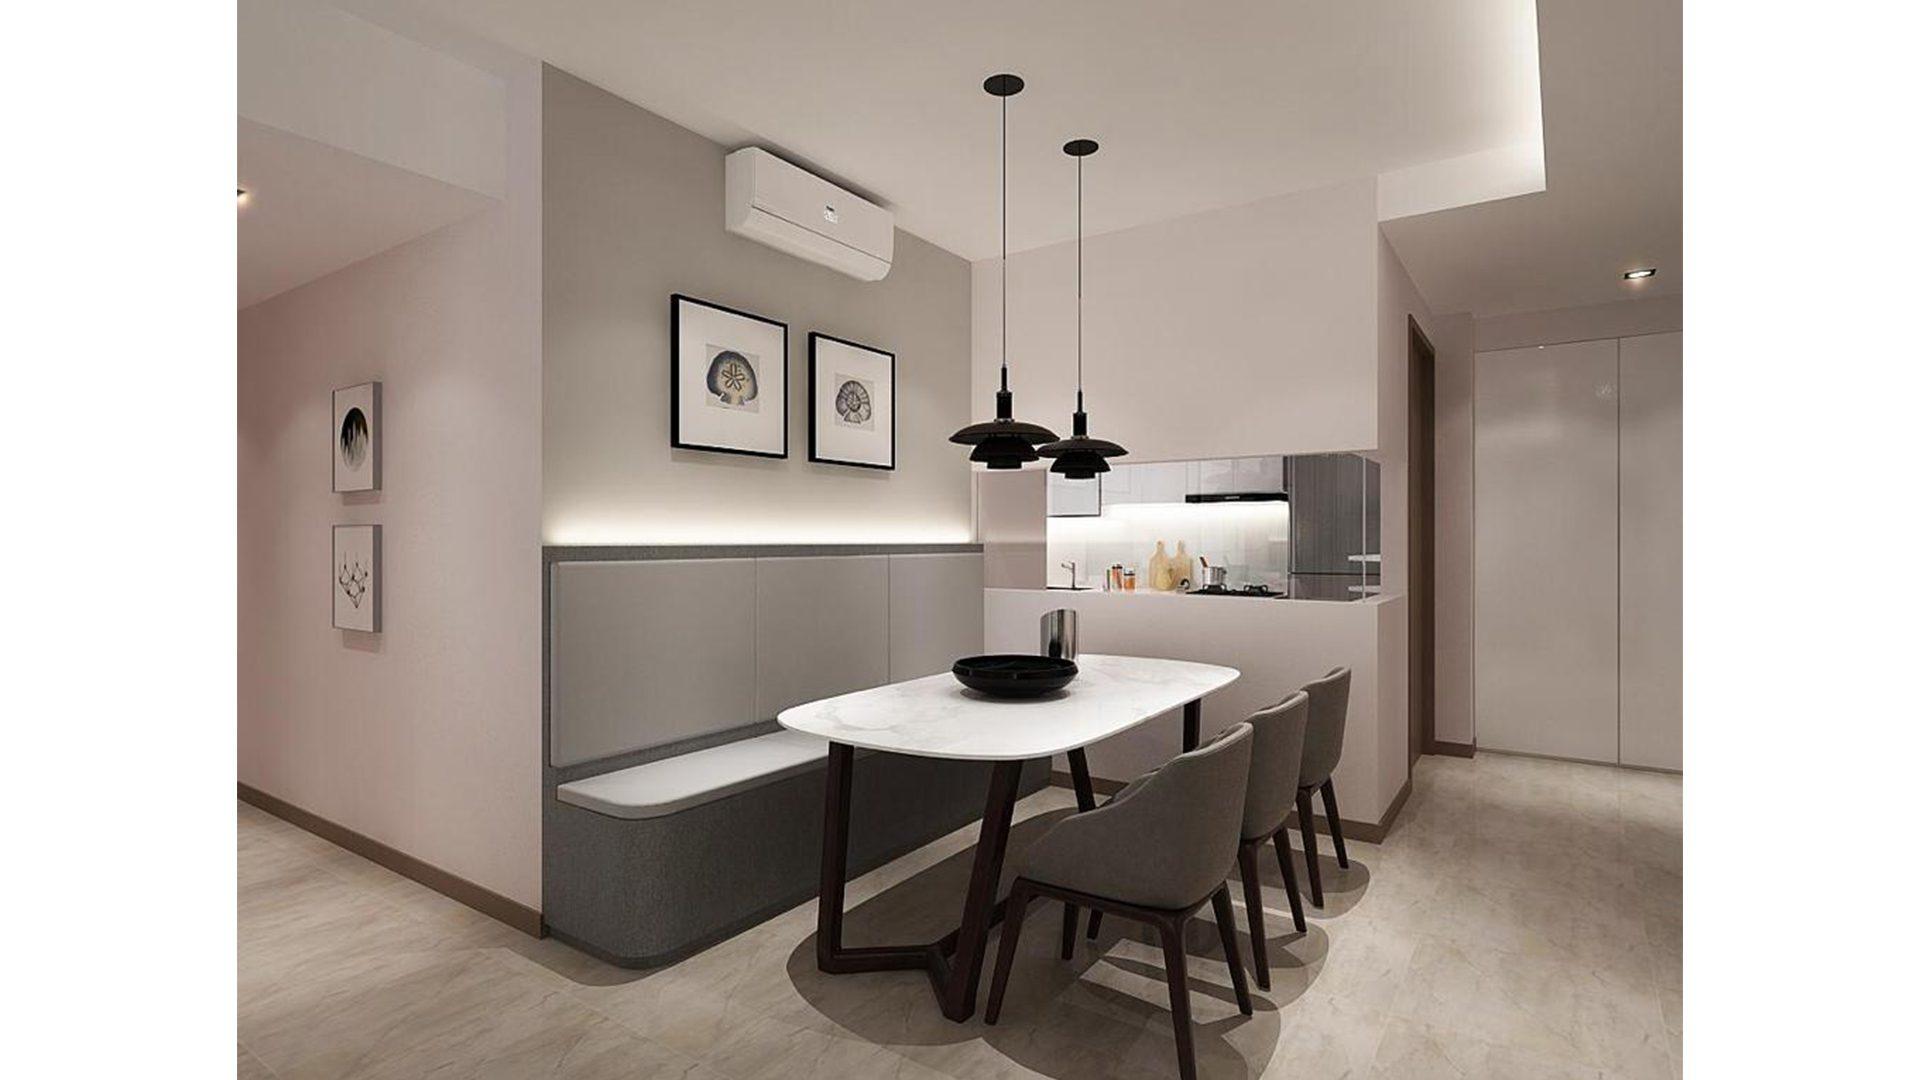 312B Clementi Ave 4_sample interior design(1920x1080)_Home Quarters SG_KC Ng Keng Chong-4